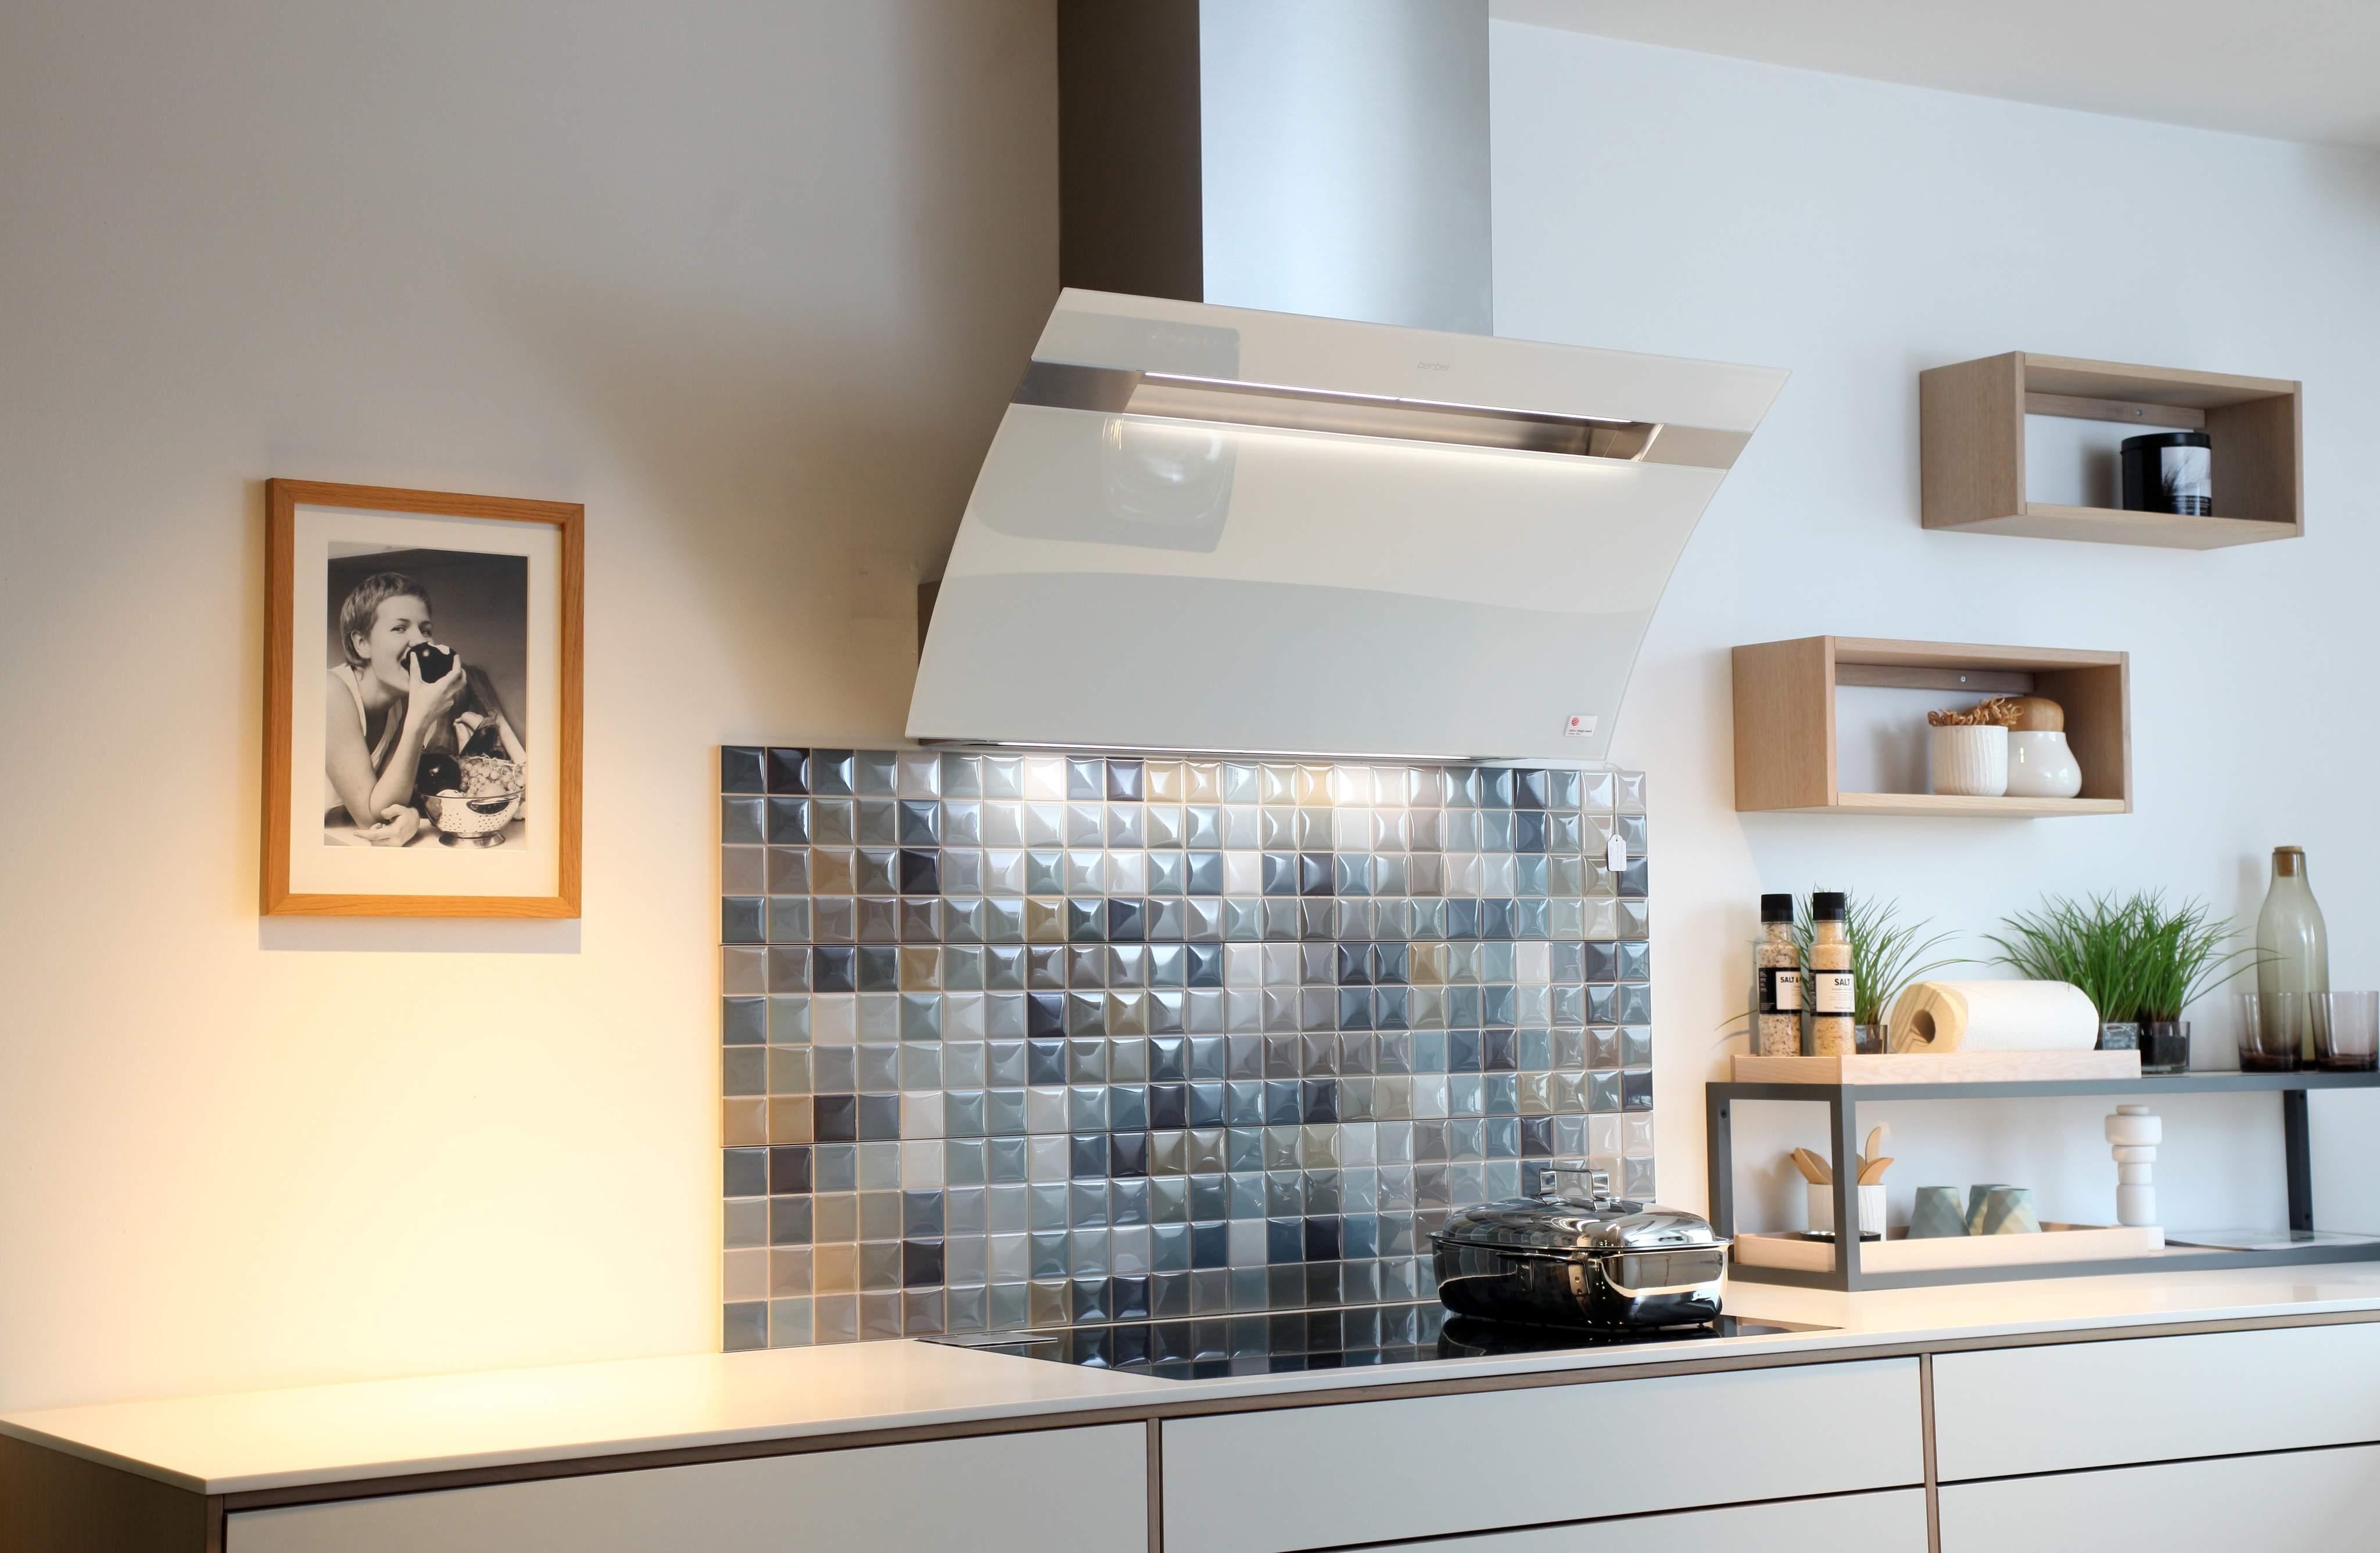 Kopffreihaube glassline küche dunstabzugshaube kü